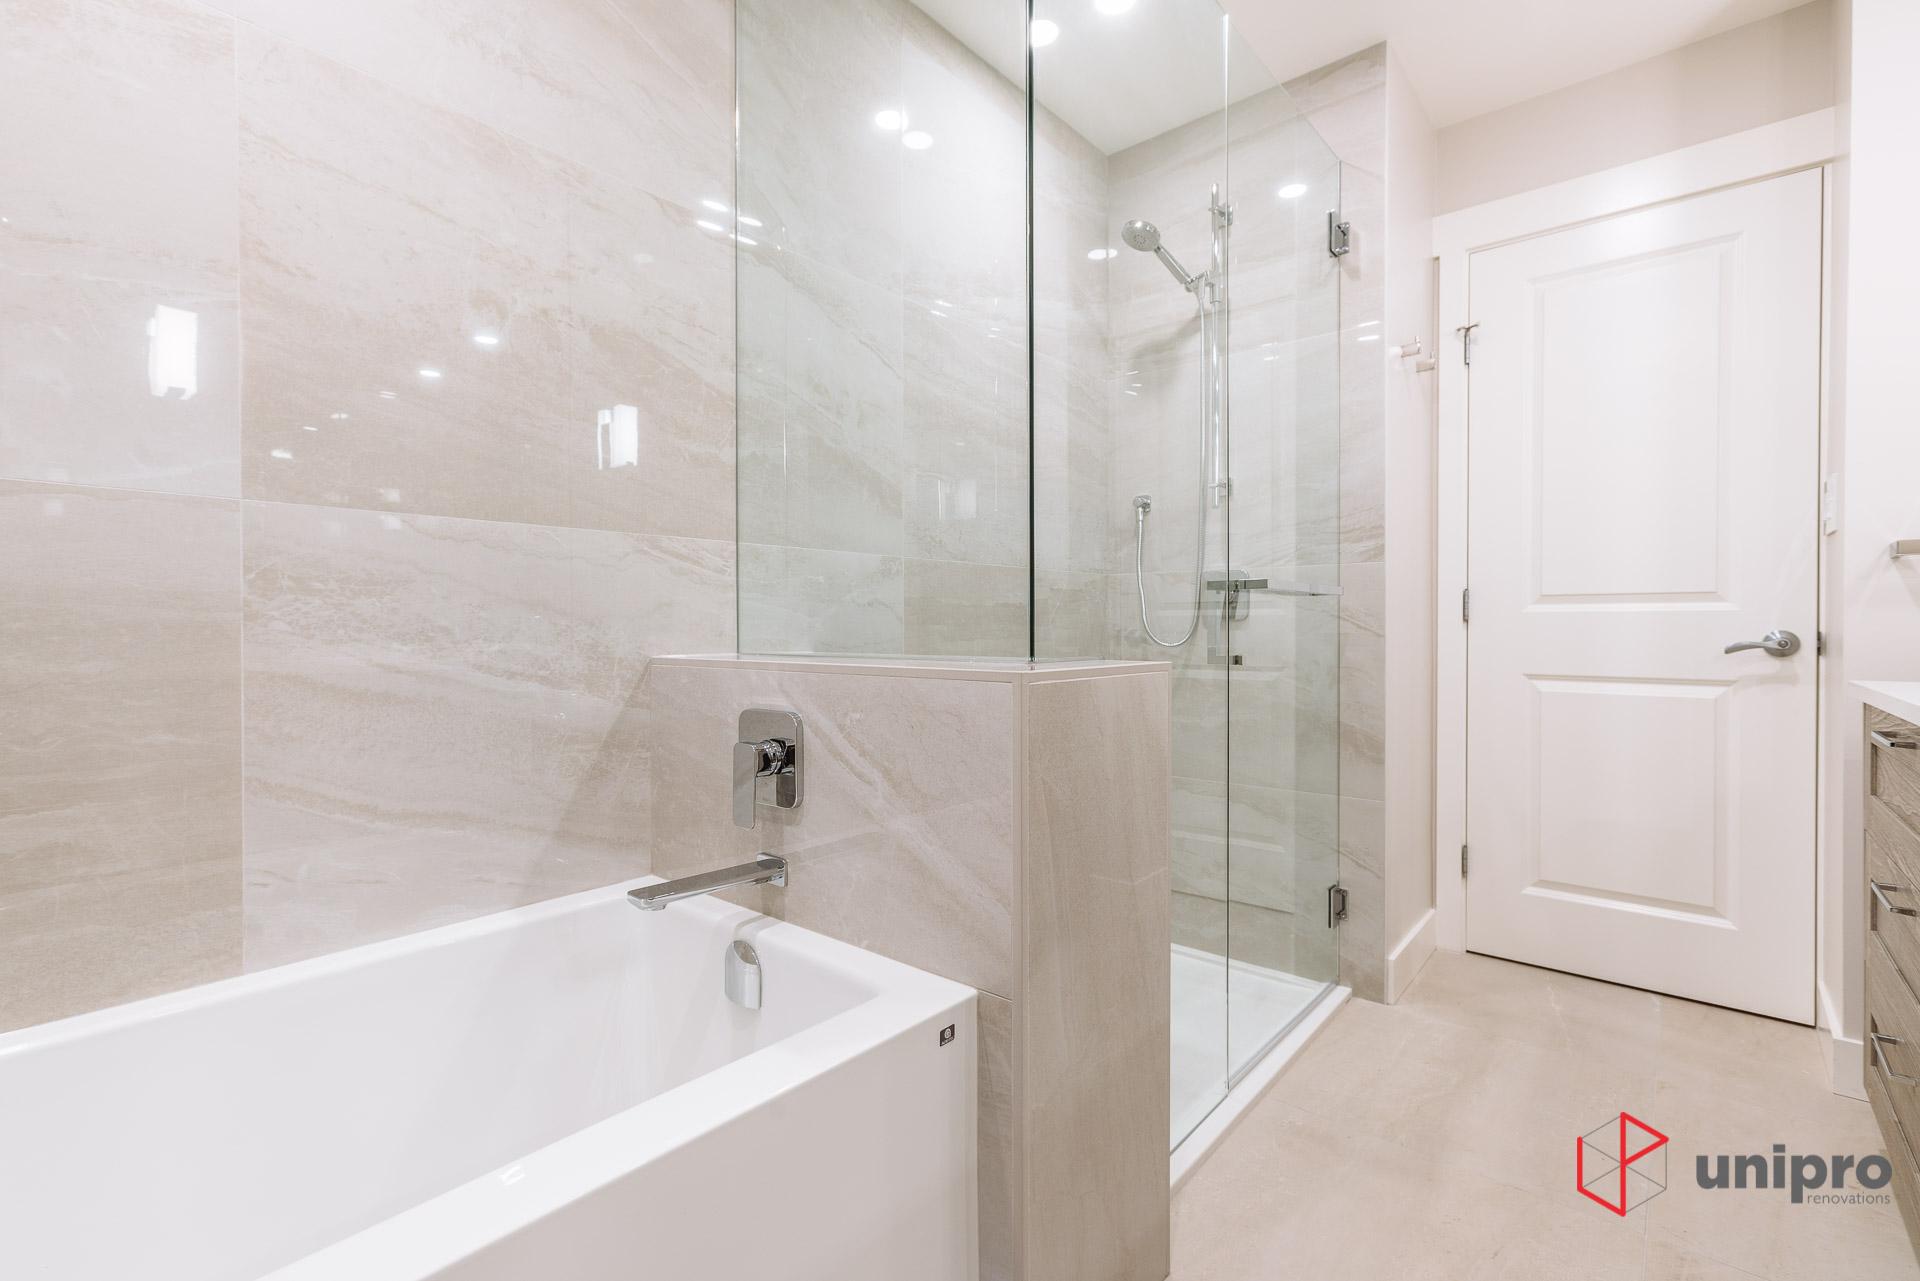 north-vancouver-bathroom-renovation-8